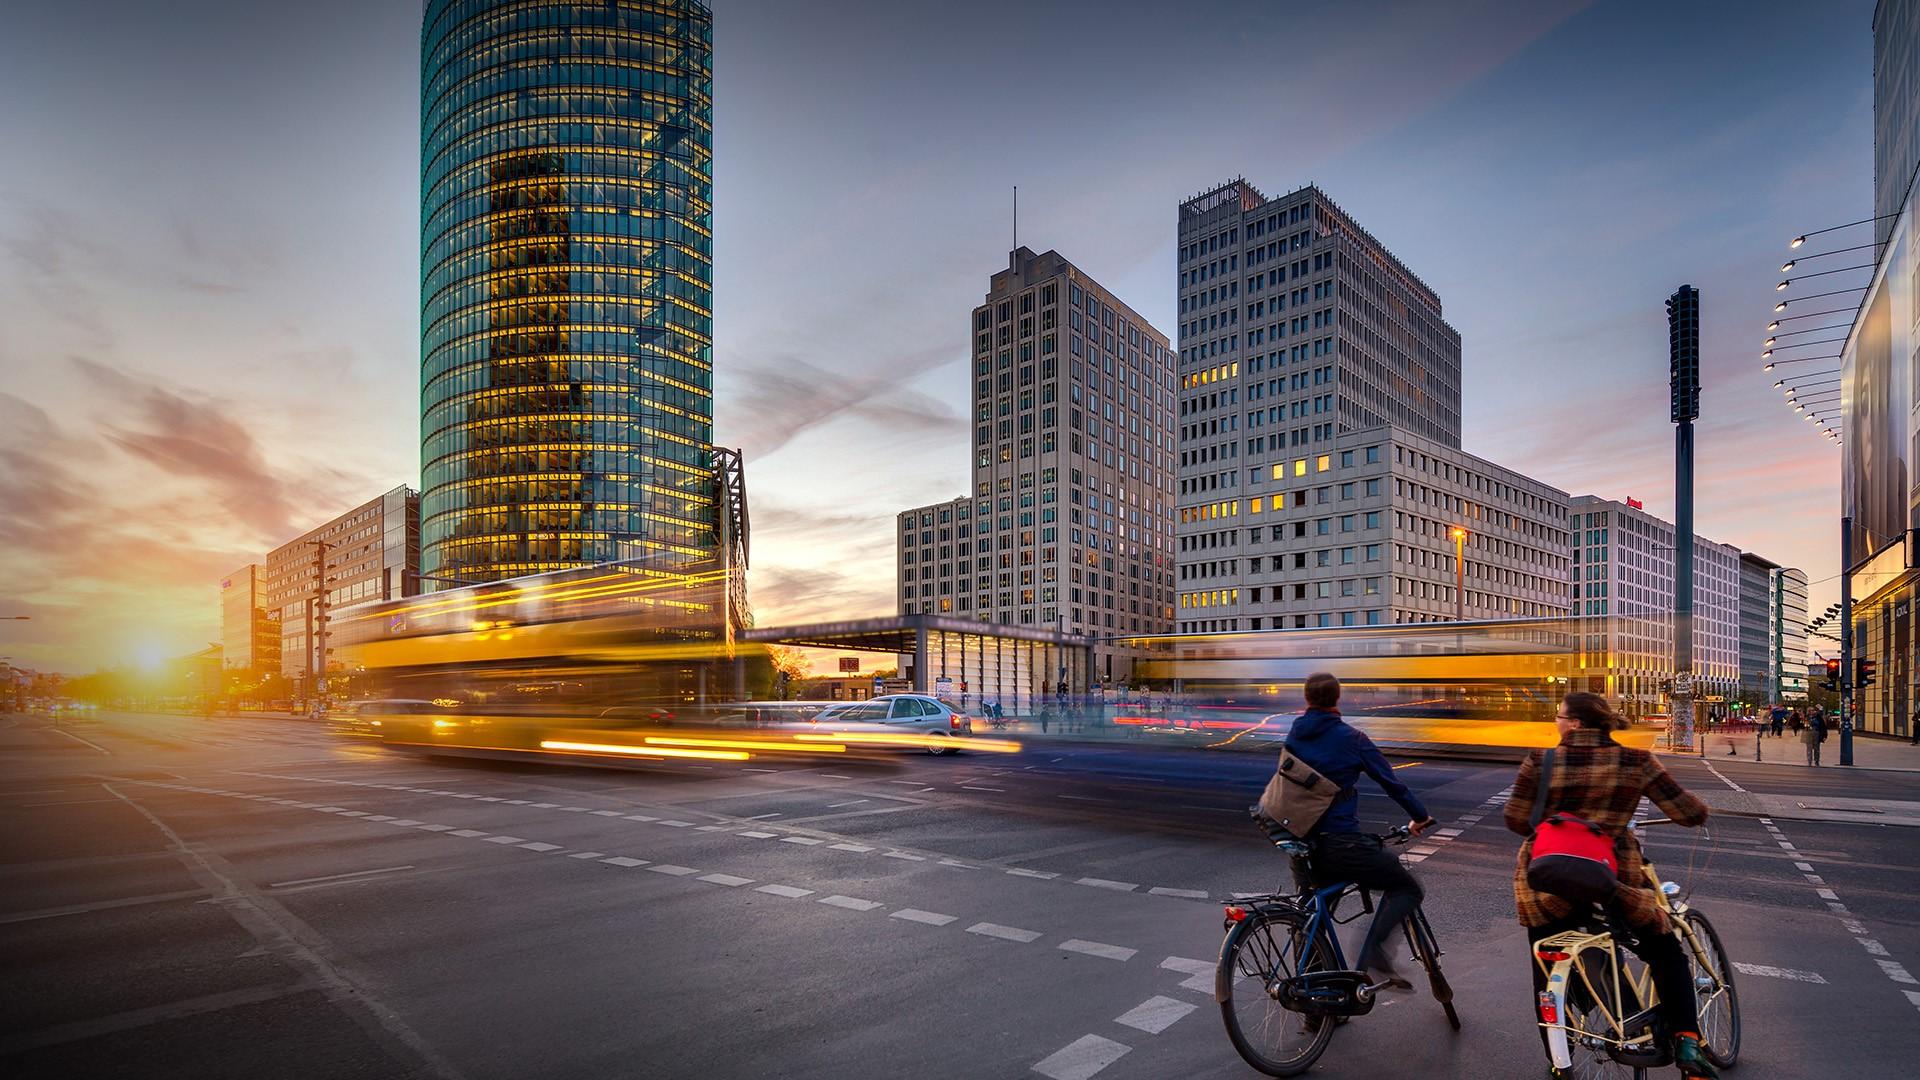 Potsdamer Platz Г¶ffnungszeiten